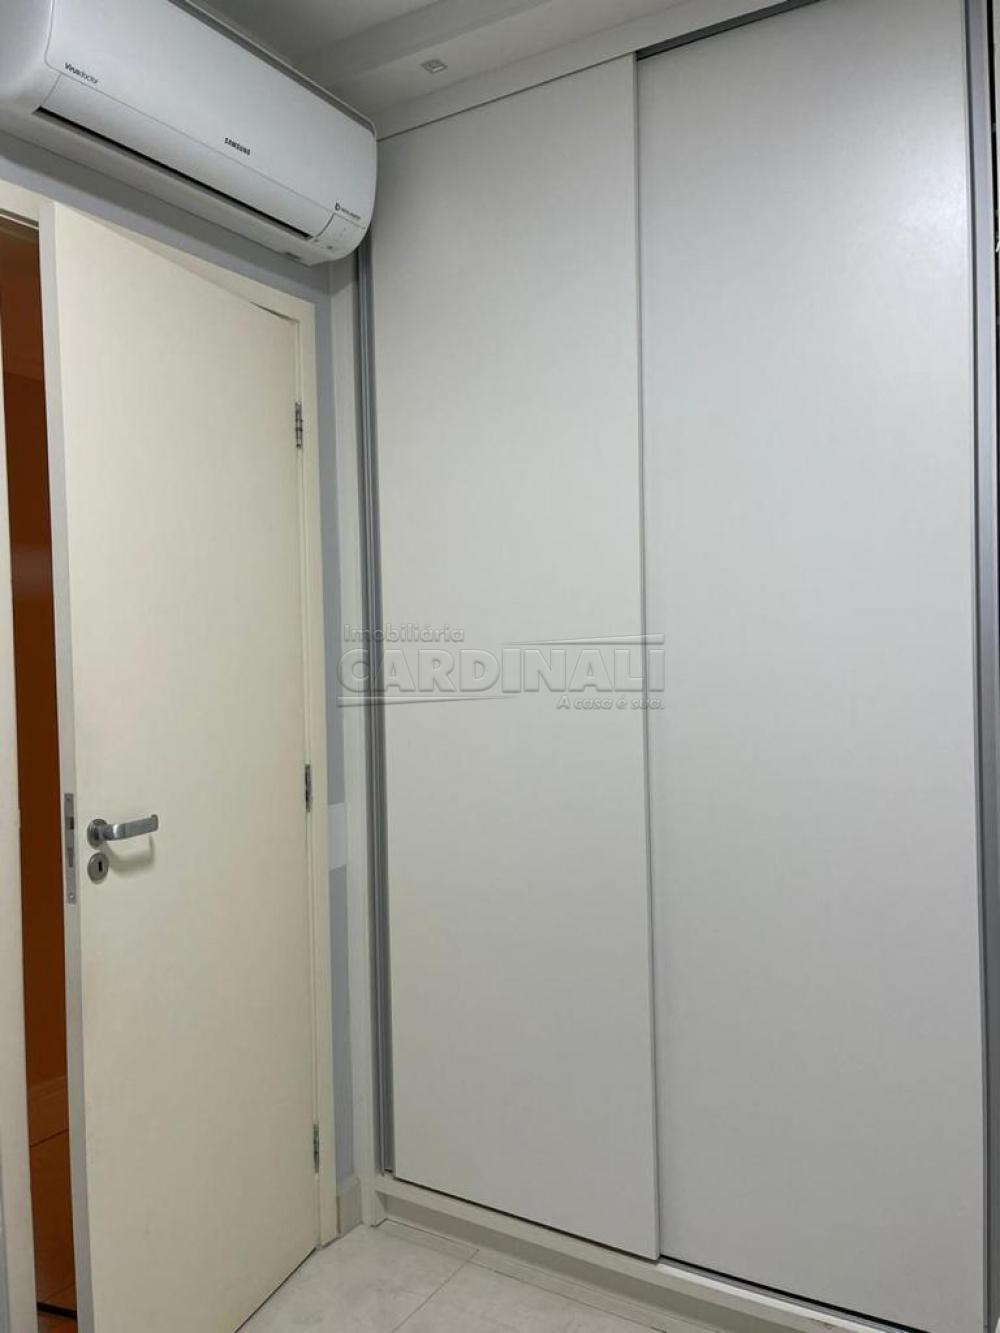 Comprar Apartamento / Padrão em São Carlos apenas R$ 980.000,00 - Foto 19